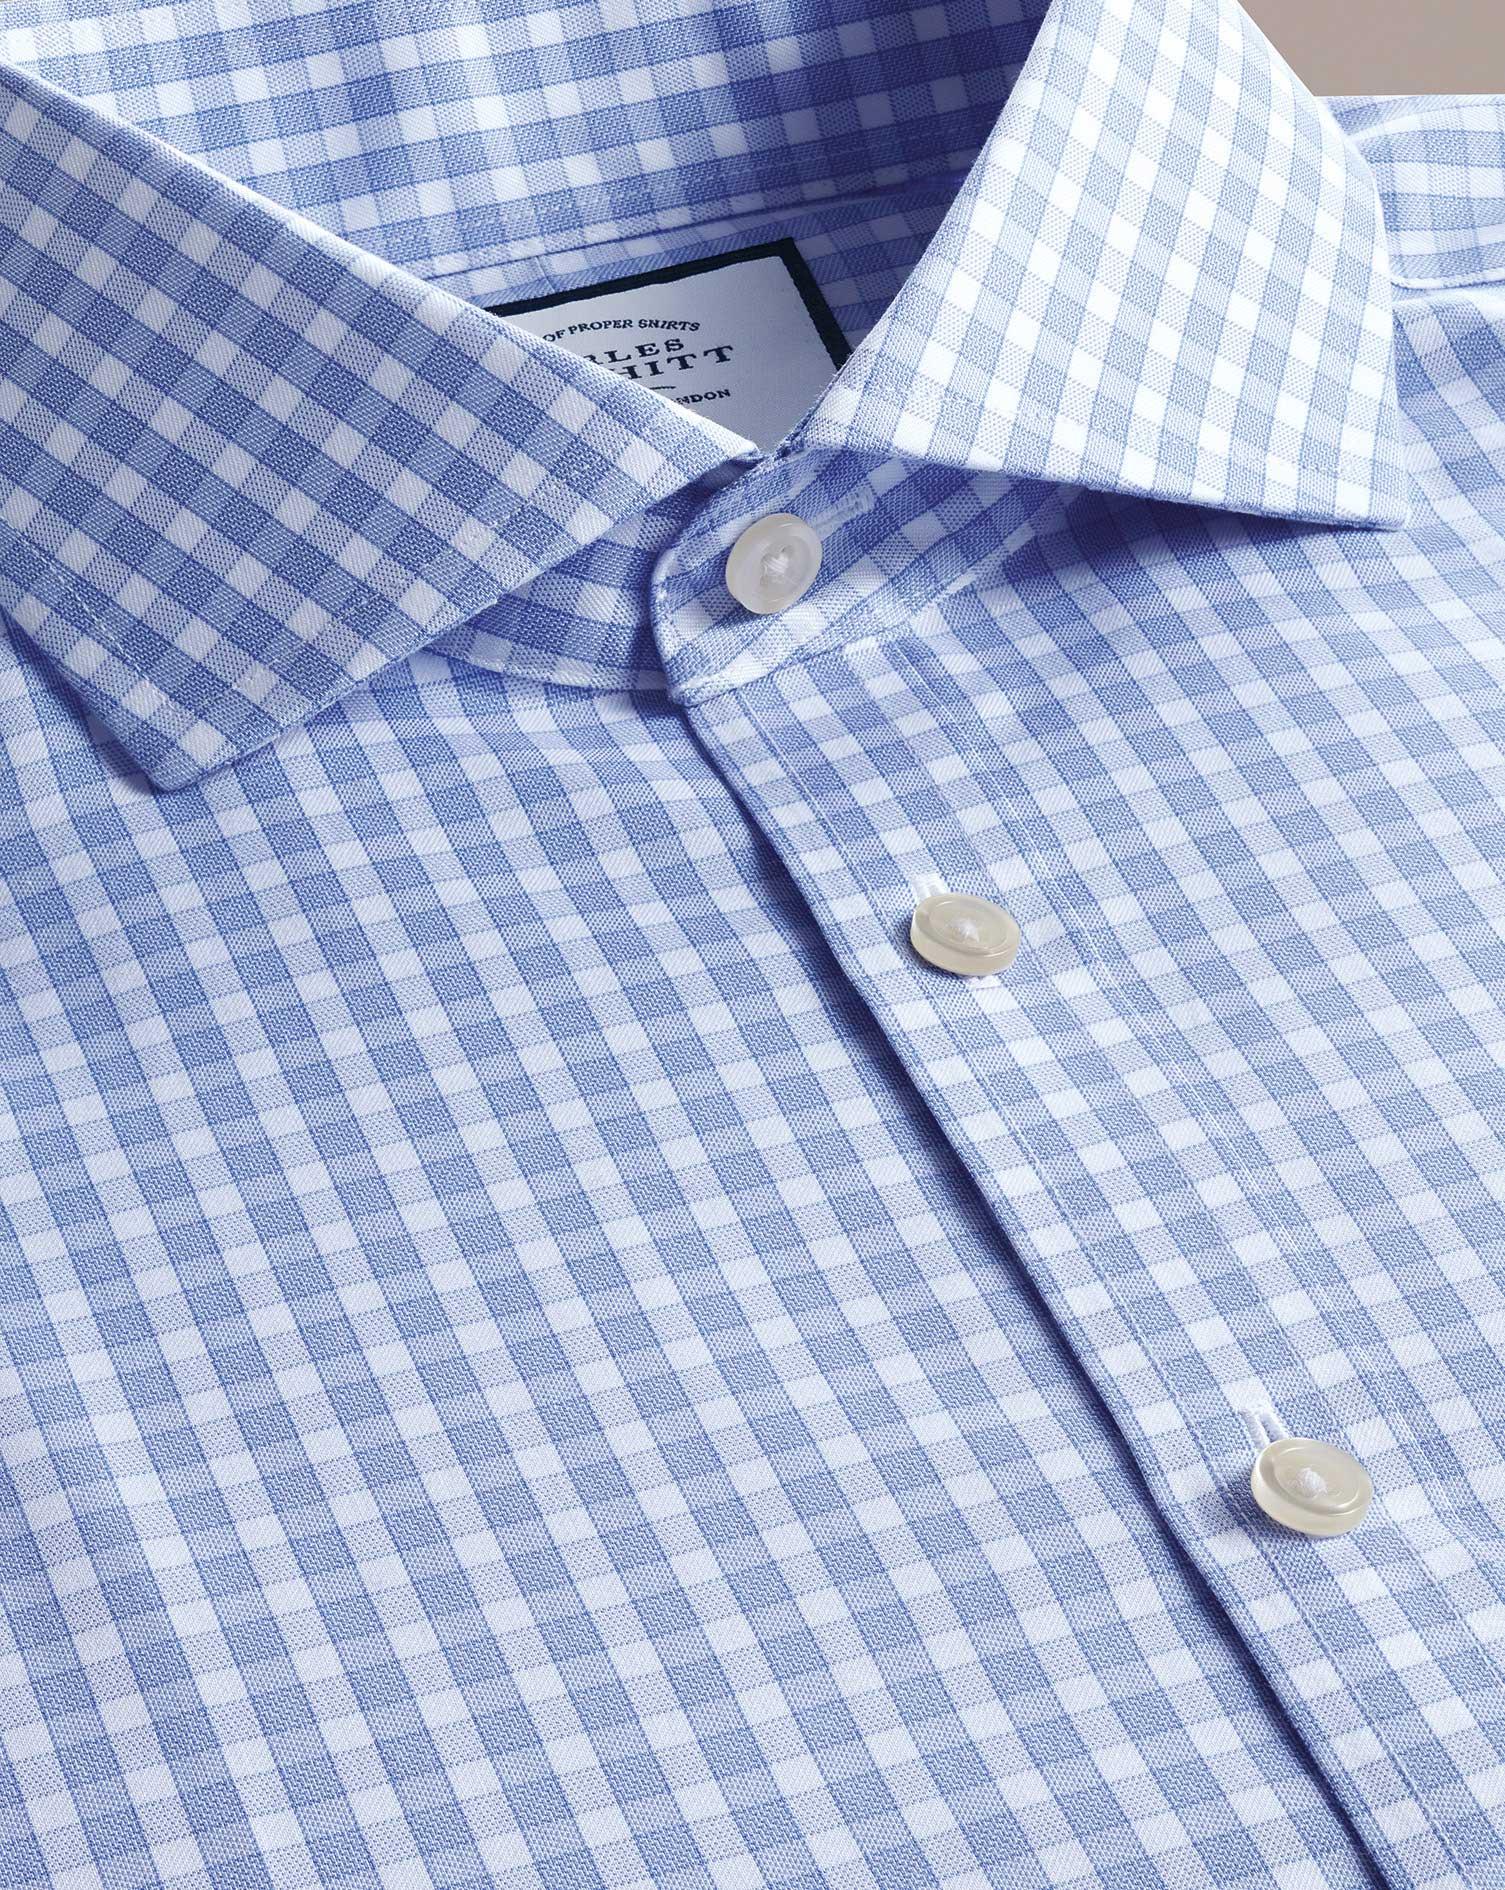 Jusqu'à -50% sur des produits Charles Tyrwhitt. Ex : chemise bleue en twill slim fit sans repassage à 24,95€